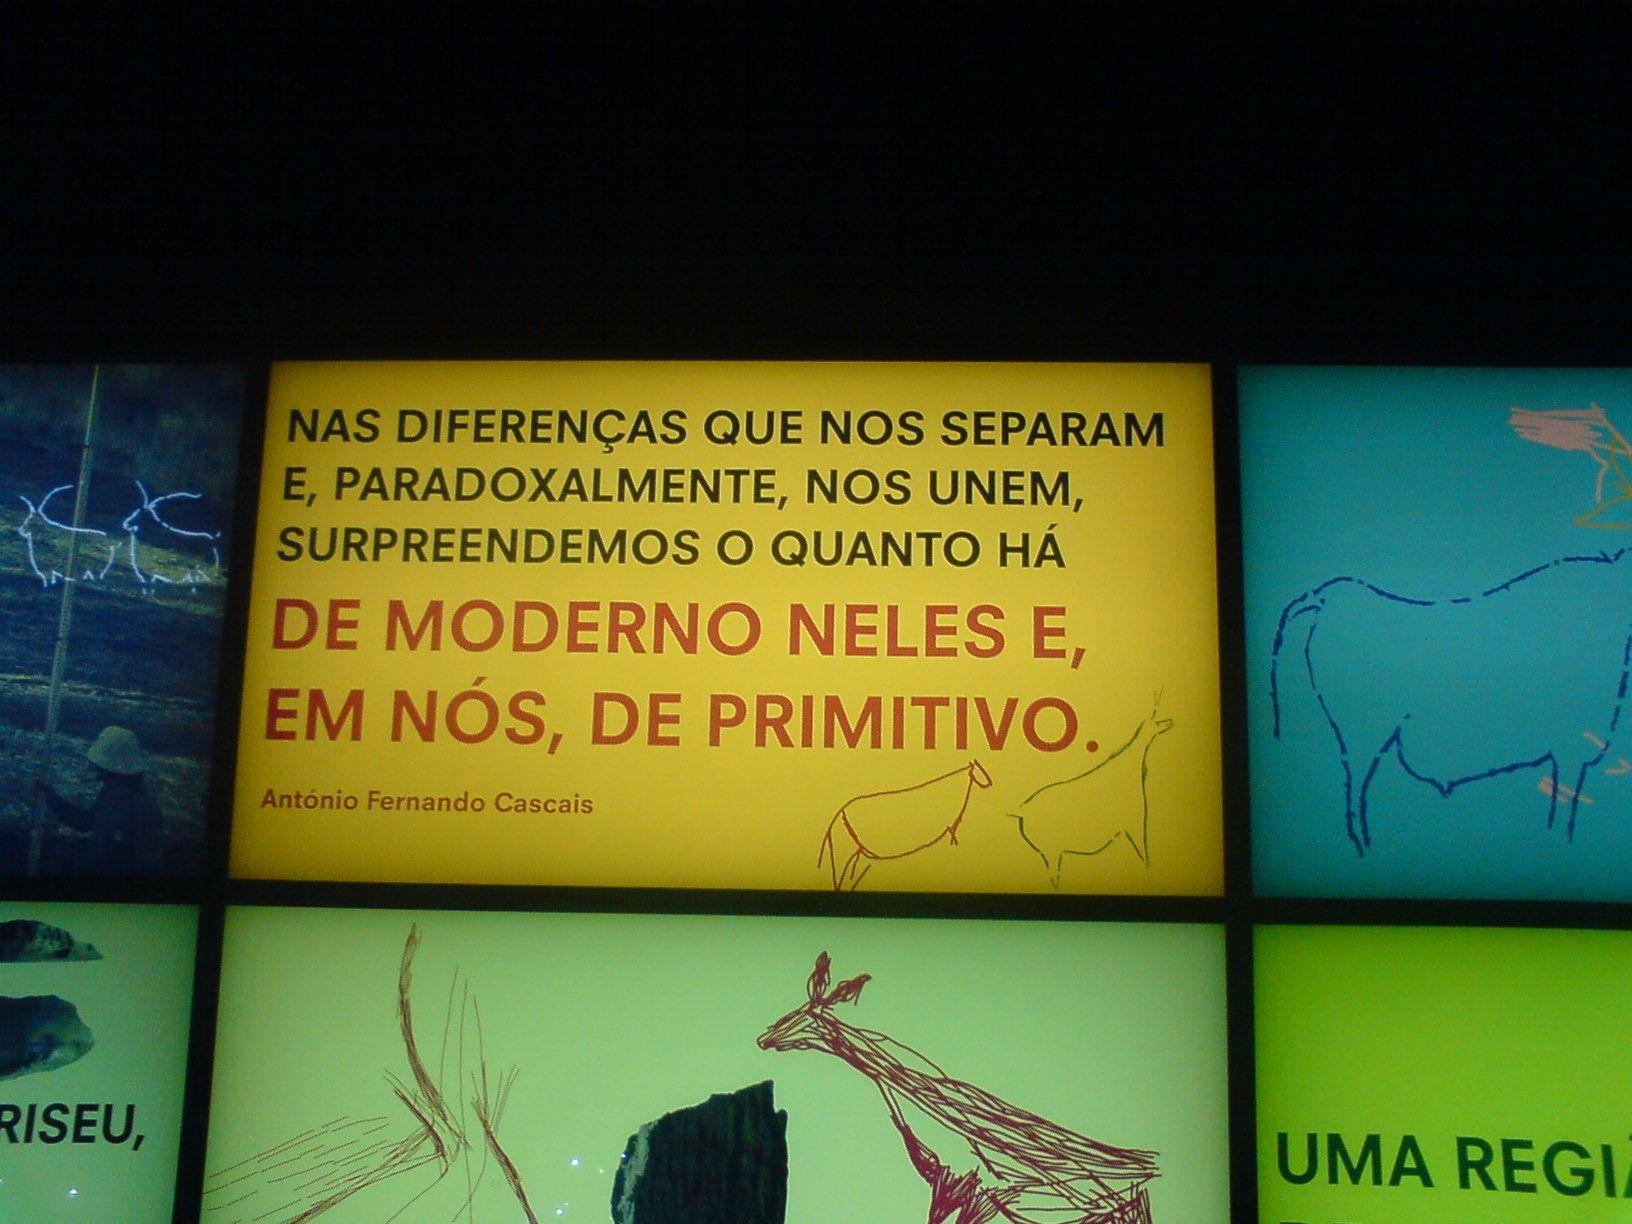 Museu do Côa, Portugal